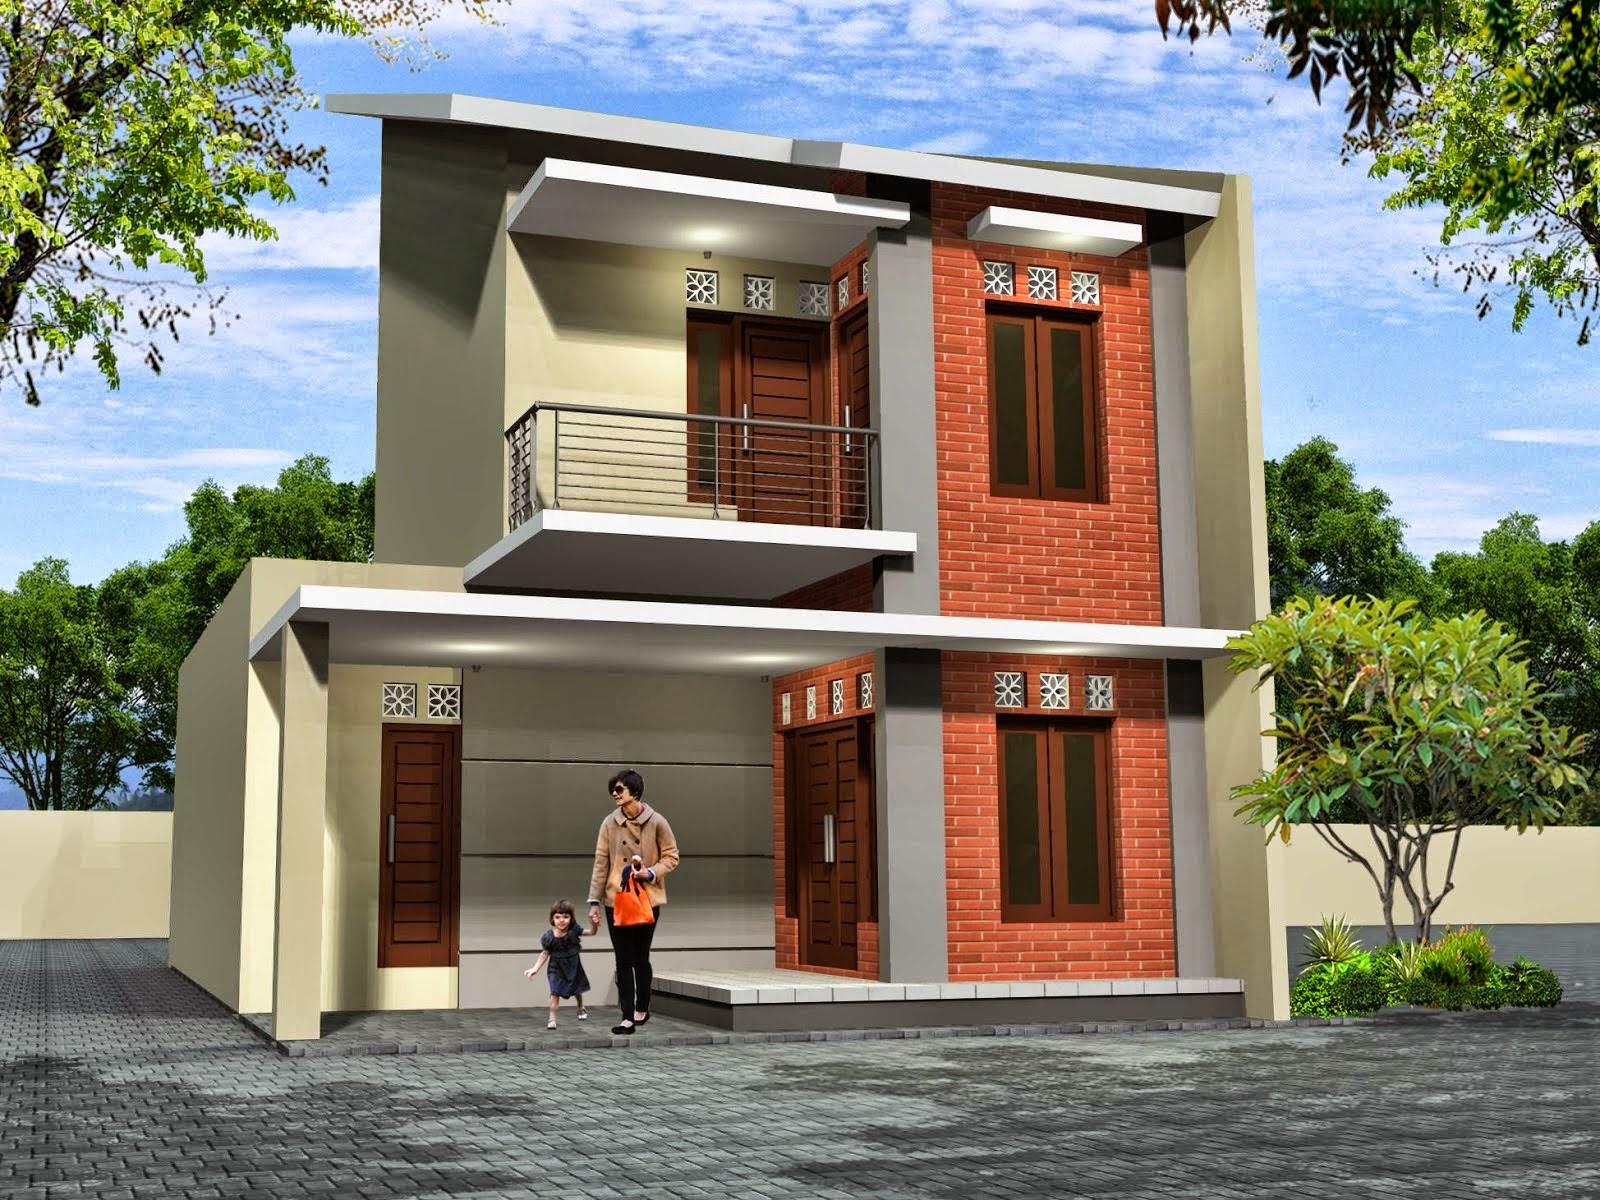 Contoh Desain Rumah Mungil 1 Dan 2 Lantai